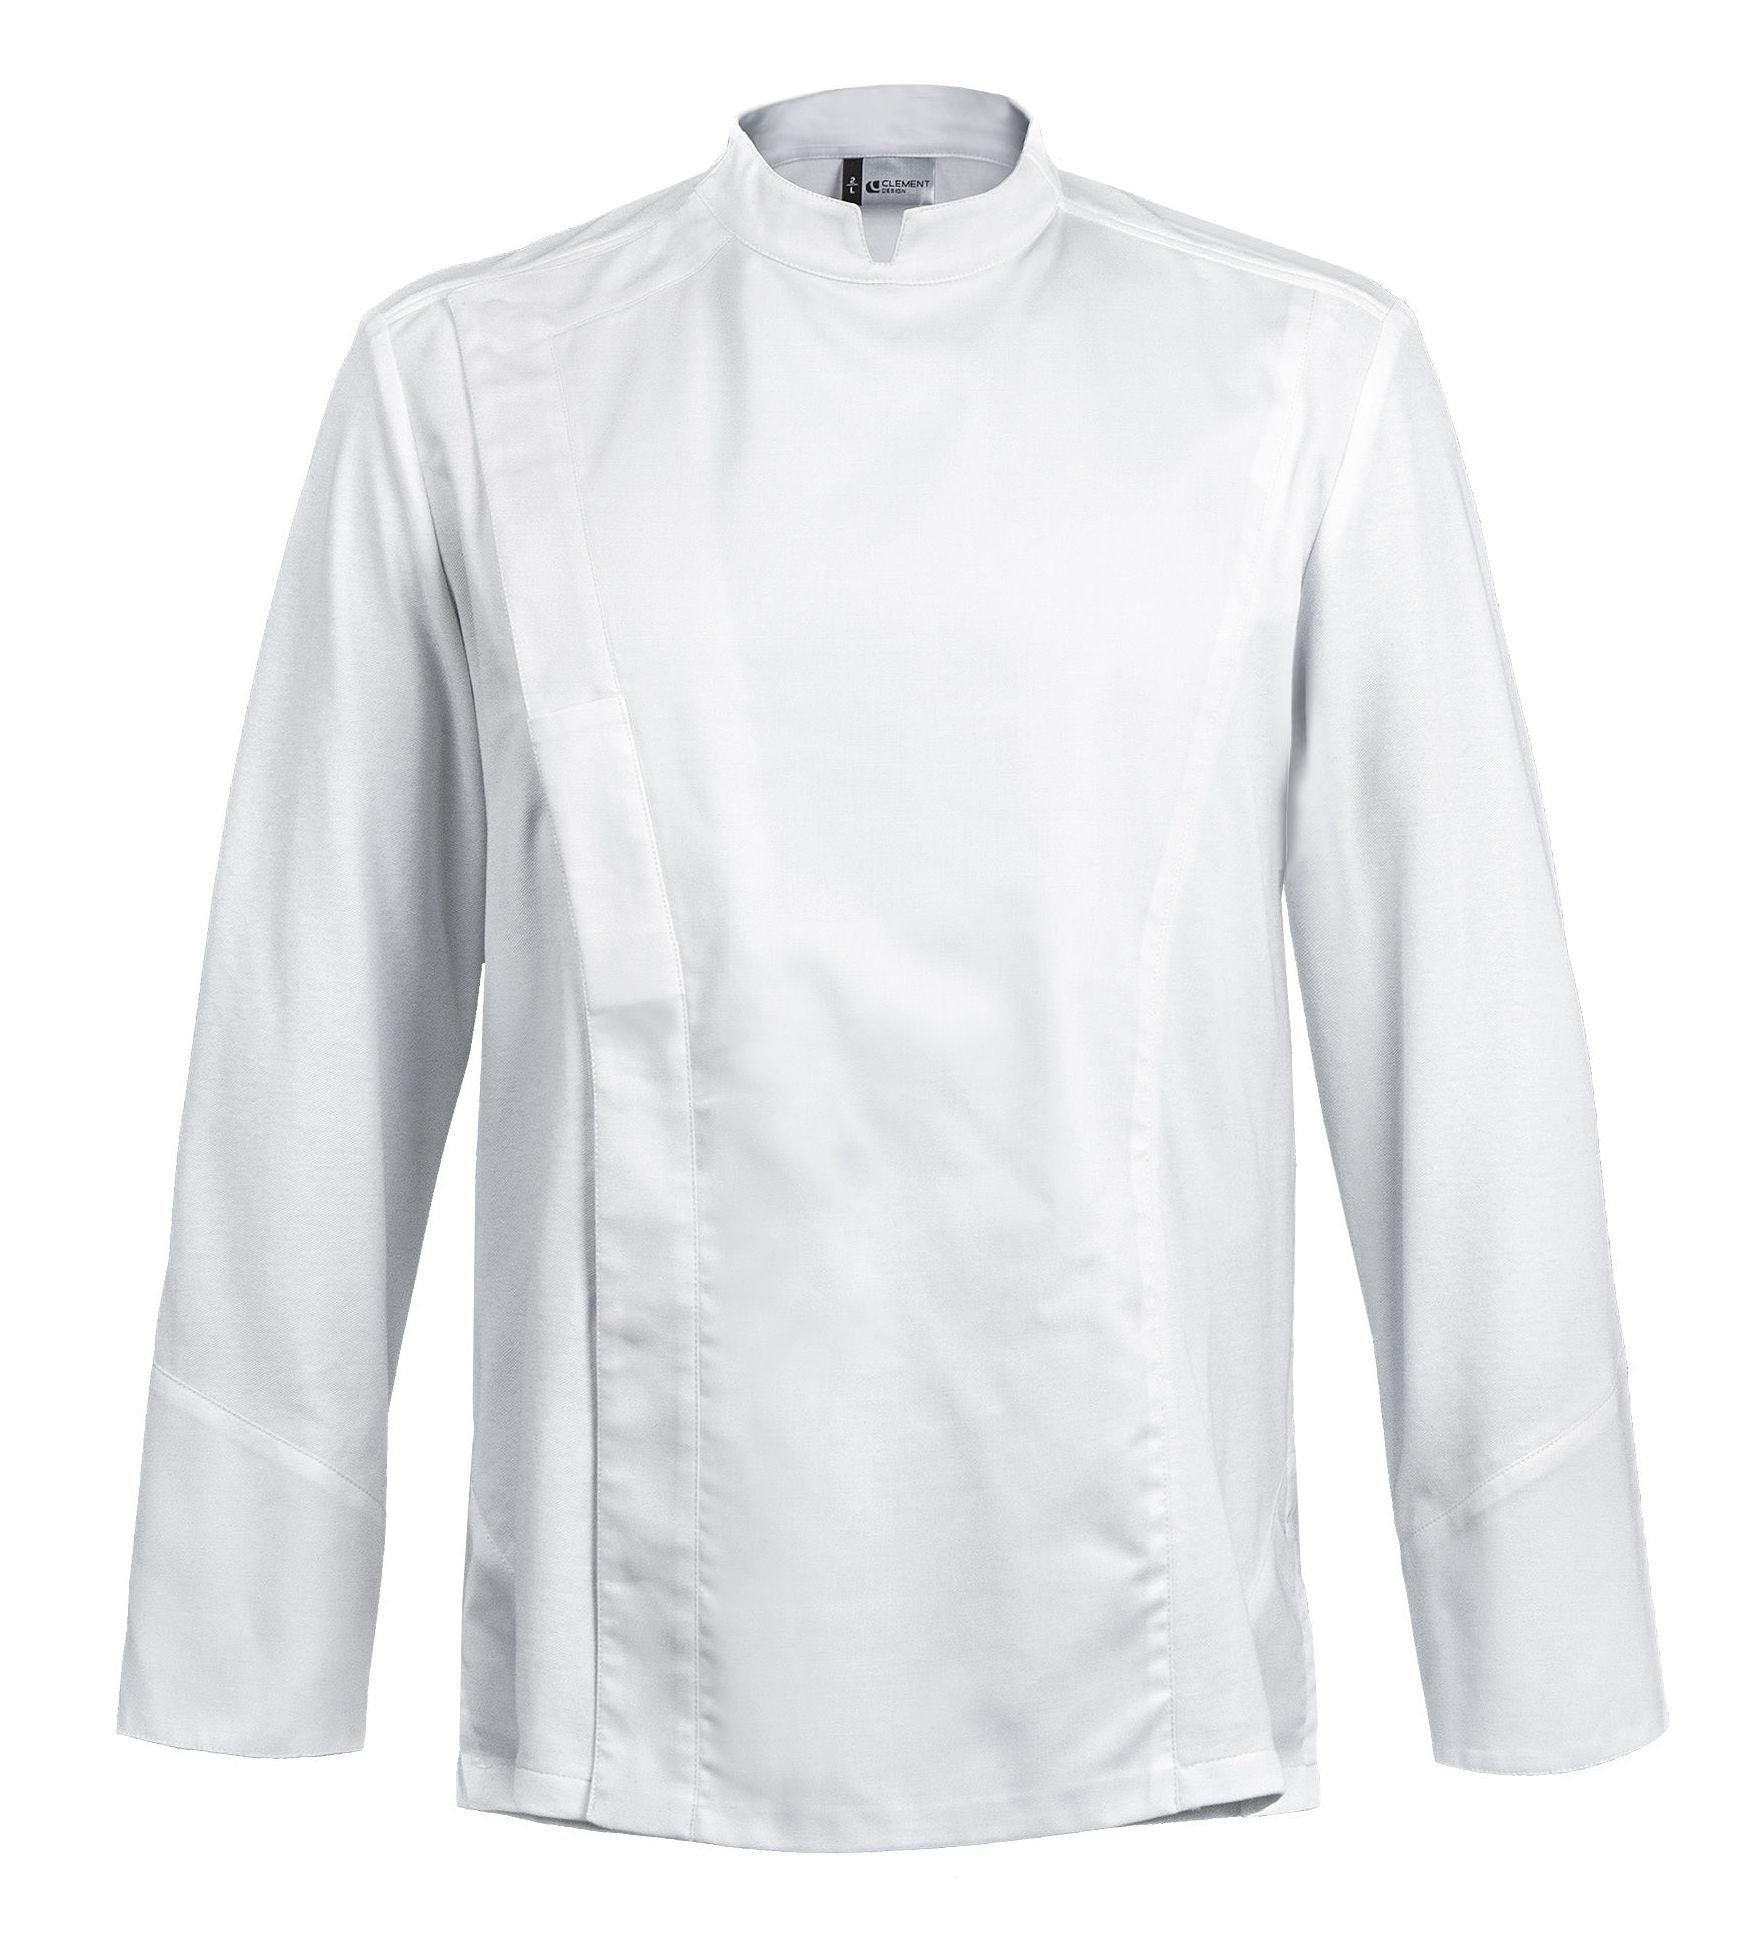 C-One M/L blanca: Productos de Unipro